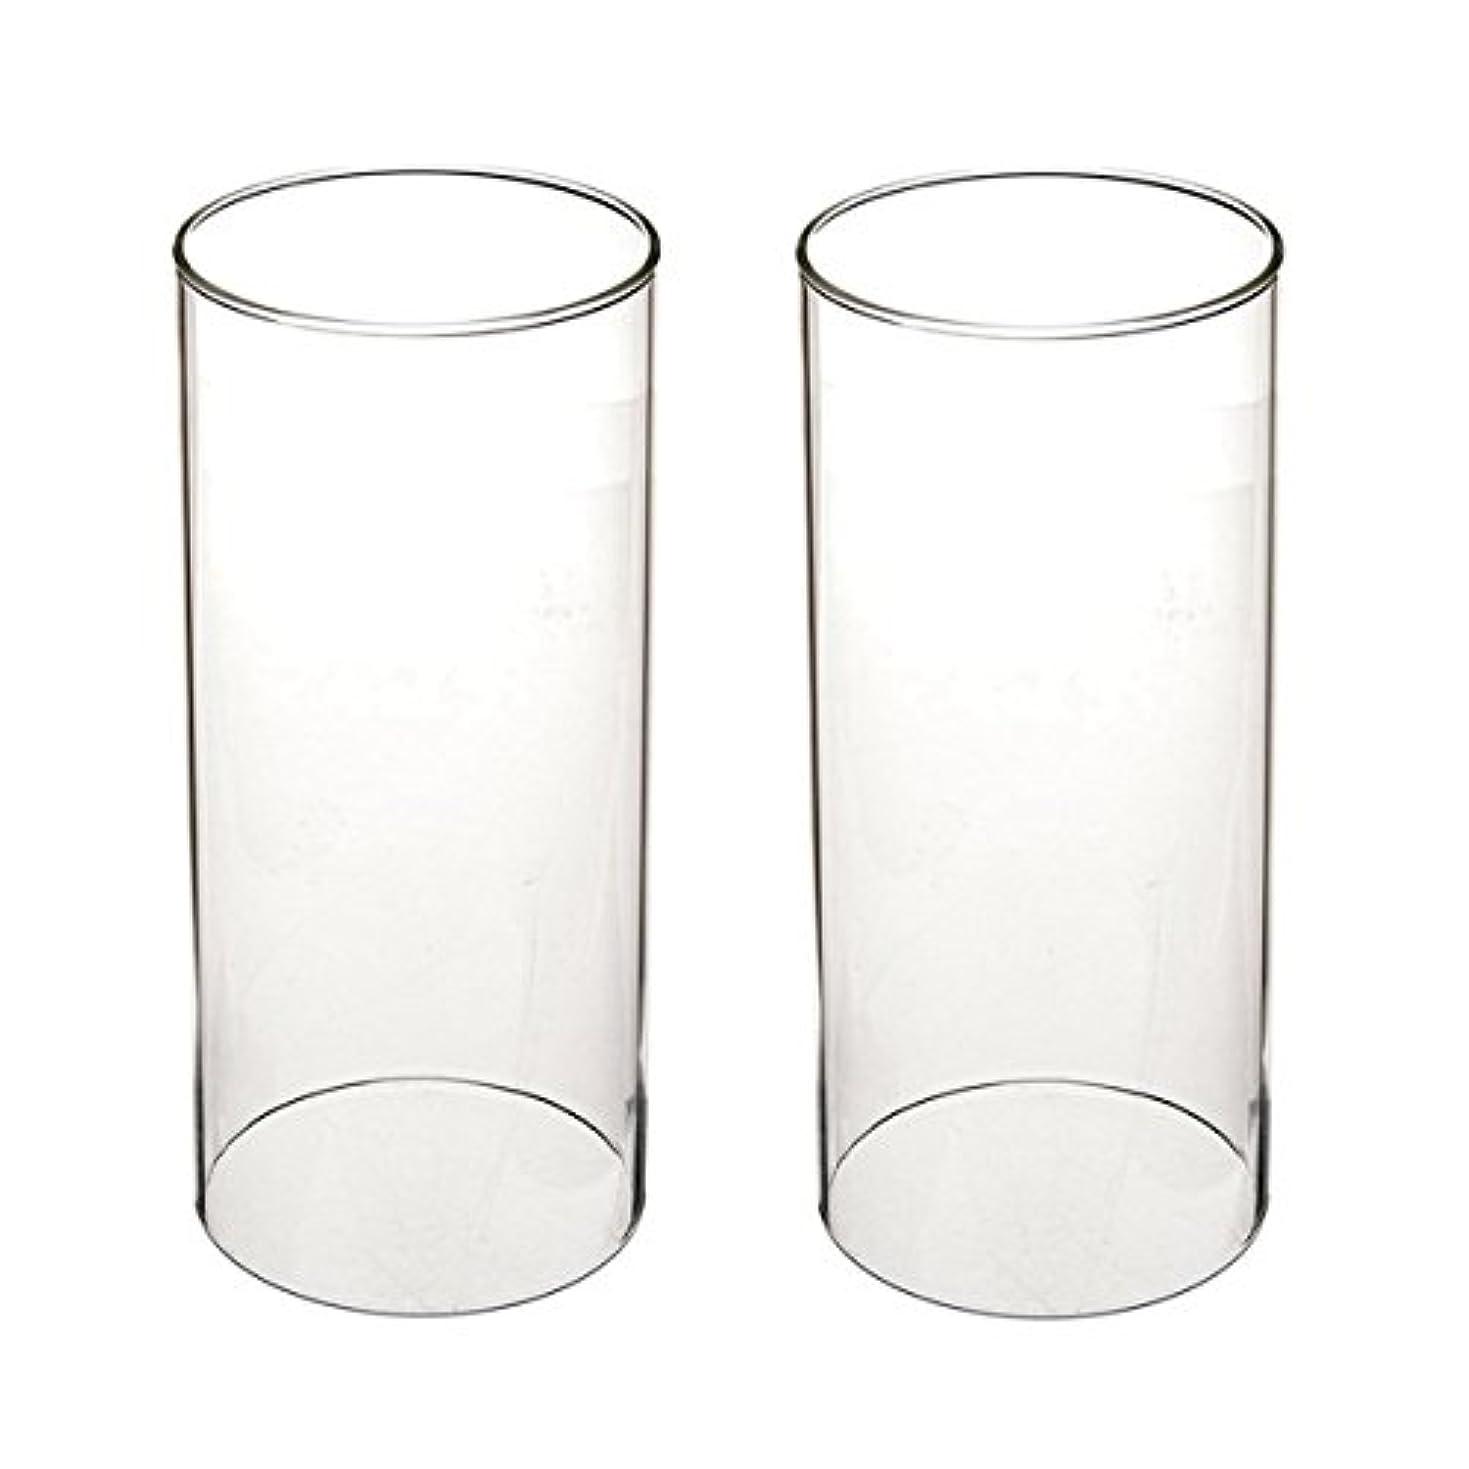 区別する涙が出る預言者ガラス煙突for Candleオープンエンド、ホウケイ酸ガラス( d3 h8